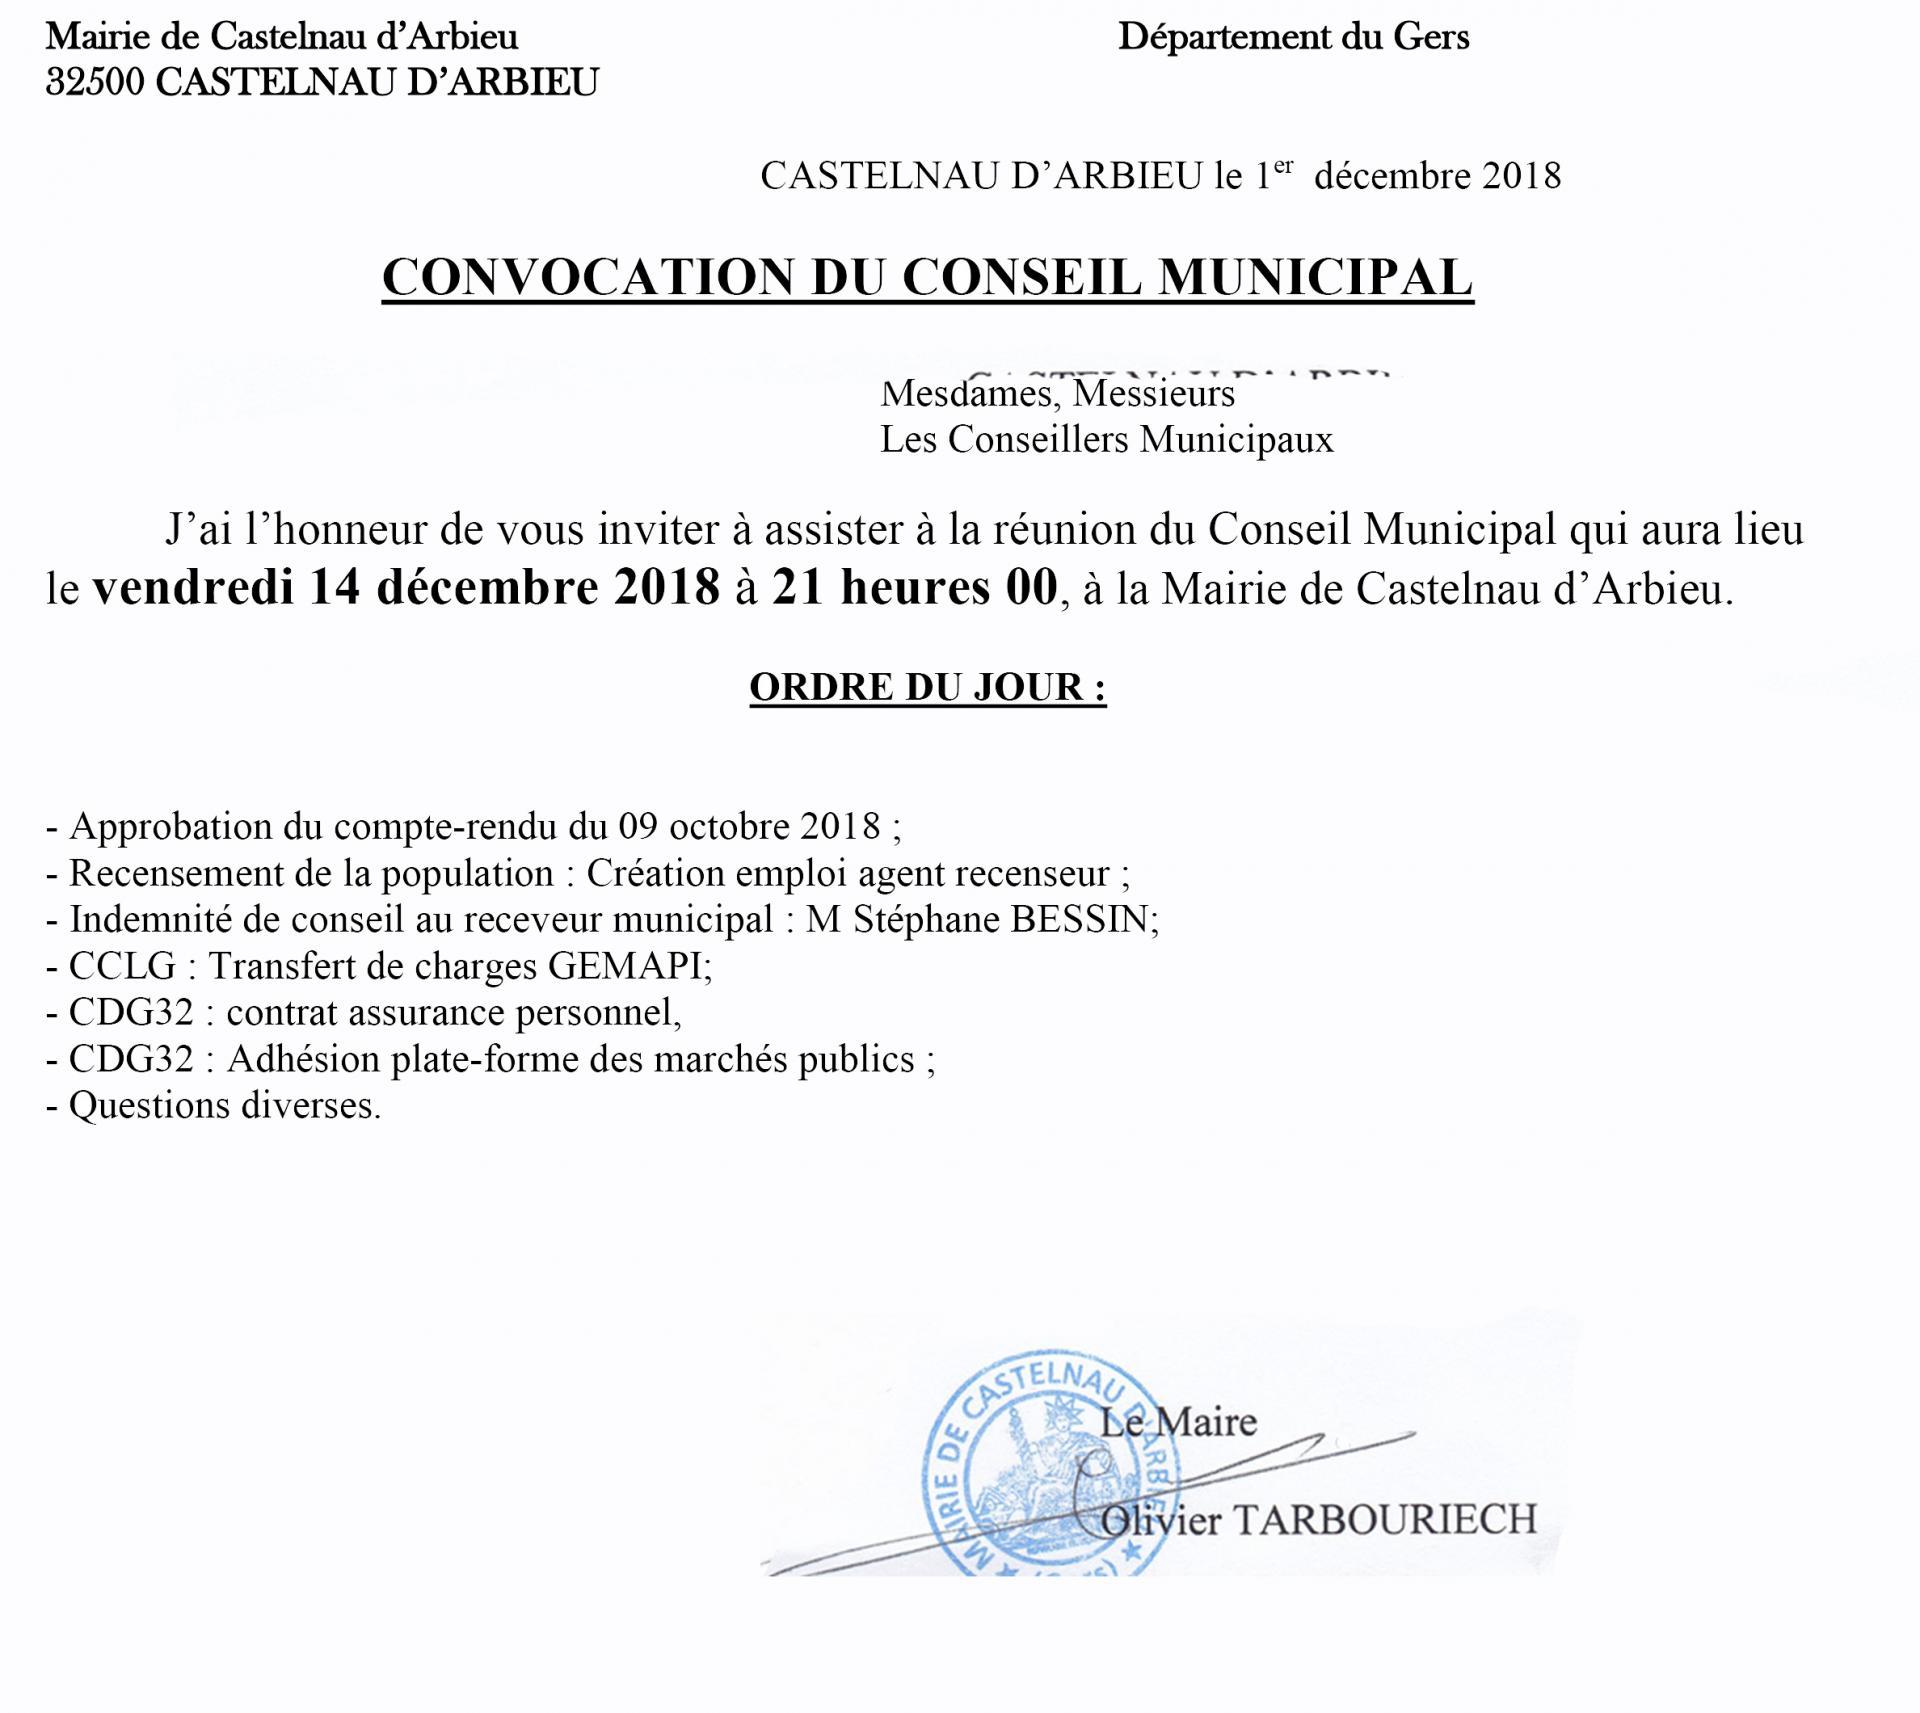 Convocation cm 14 decembre 2018